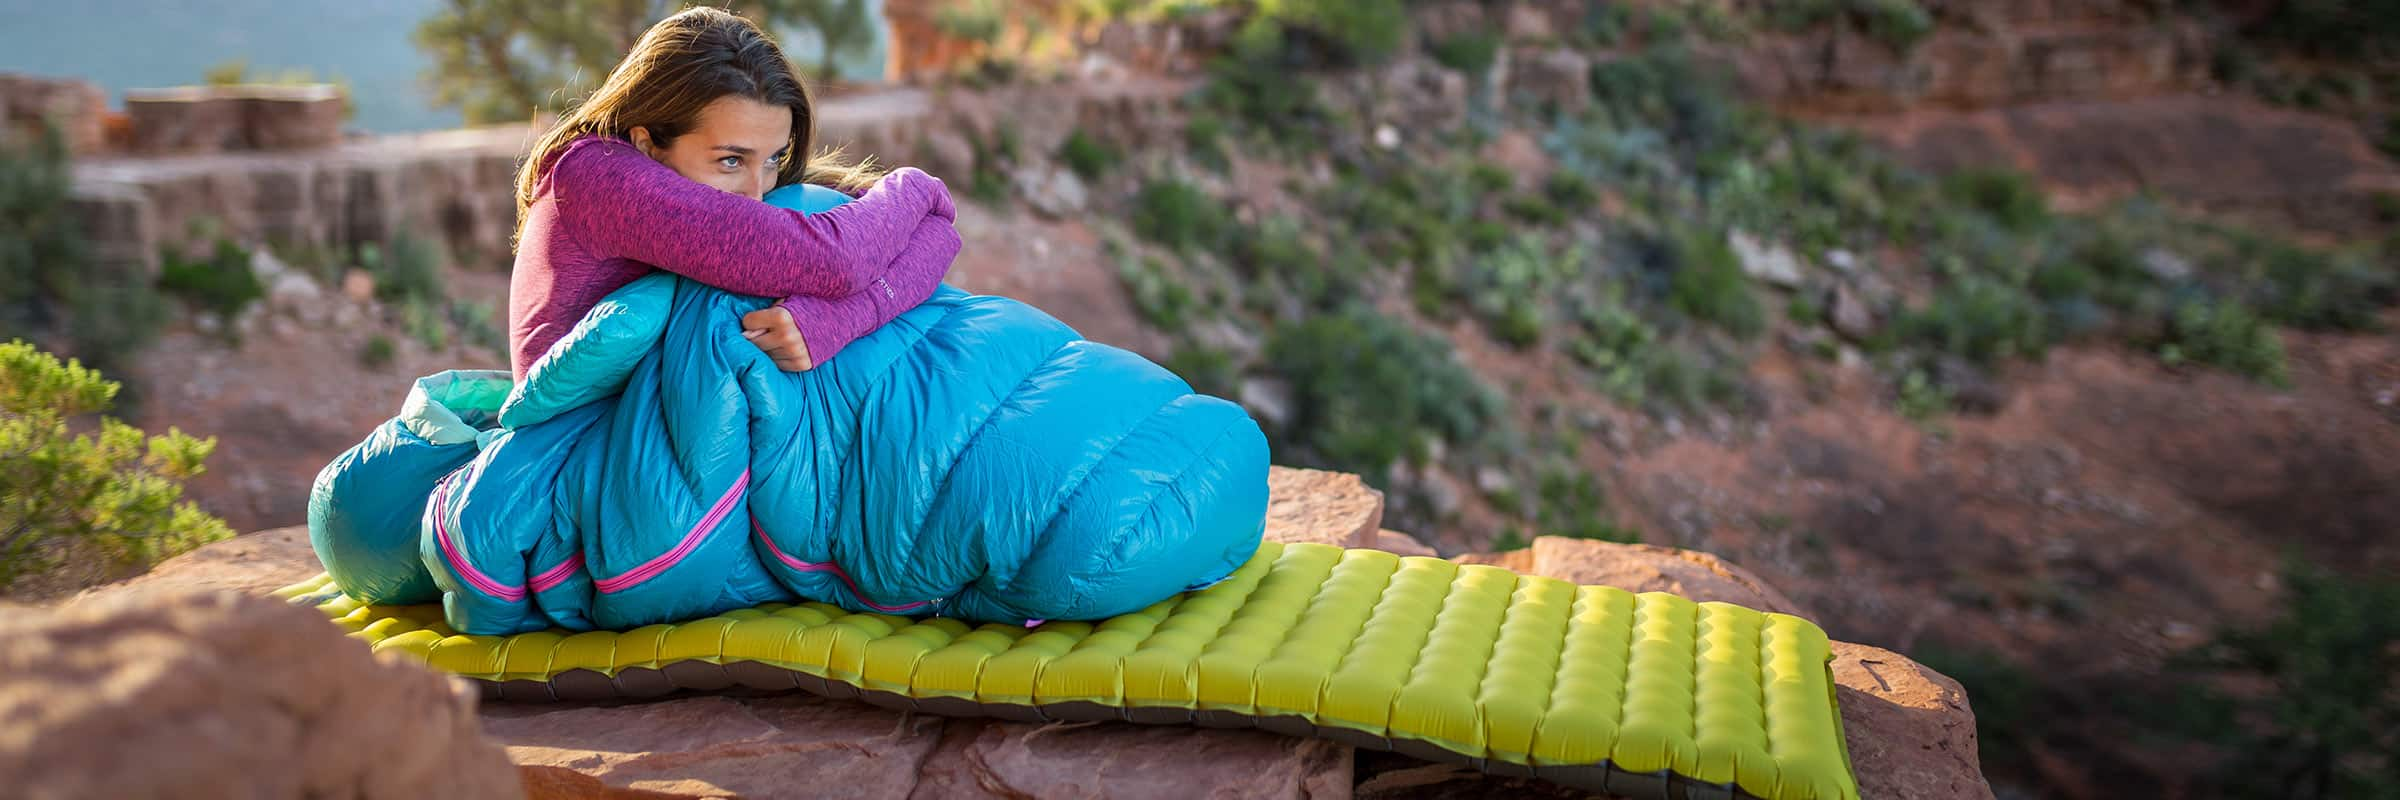 Comment choisir le matelas de sol idéal pour le camping?